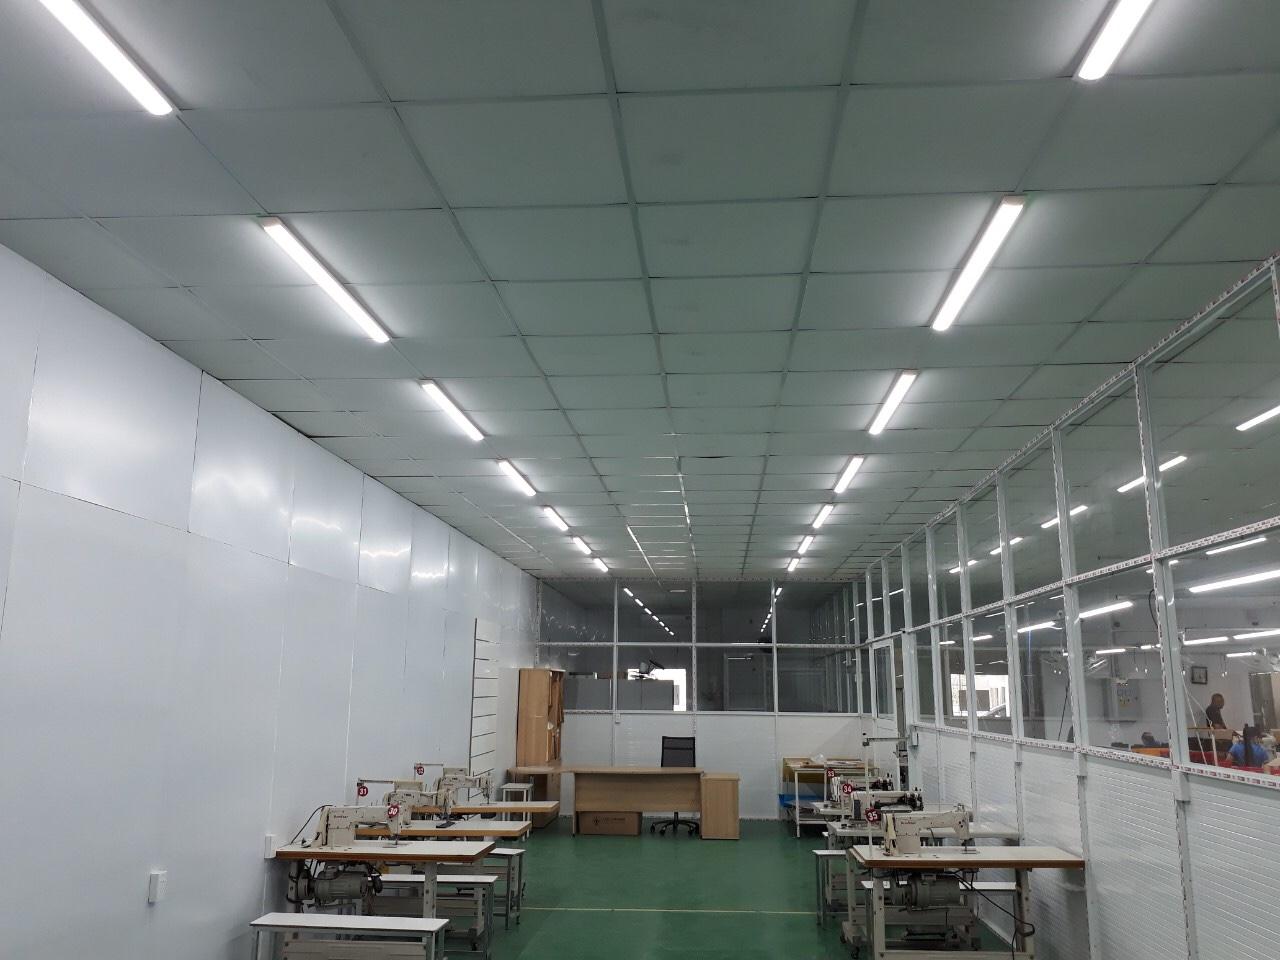 thiết kế thi công điện nhà xưởng